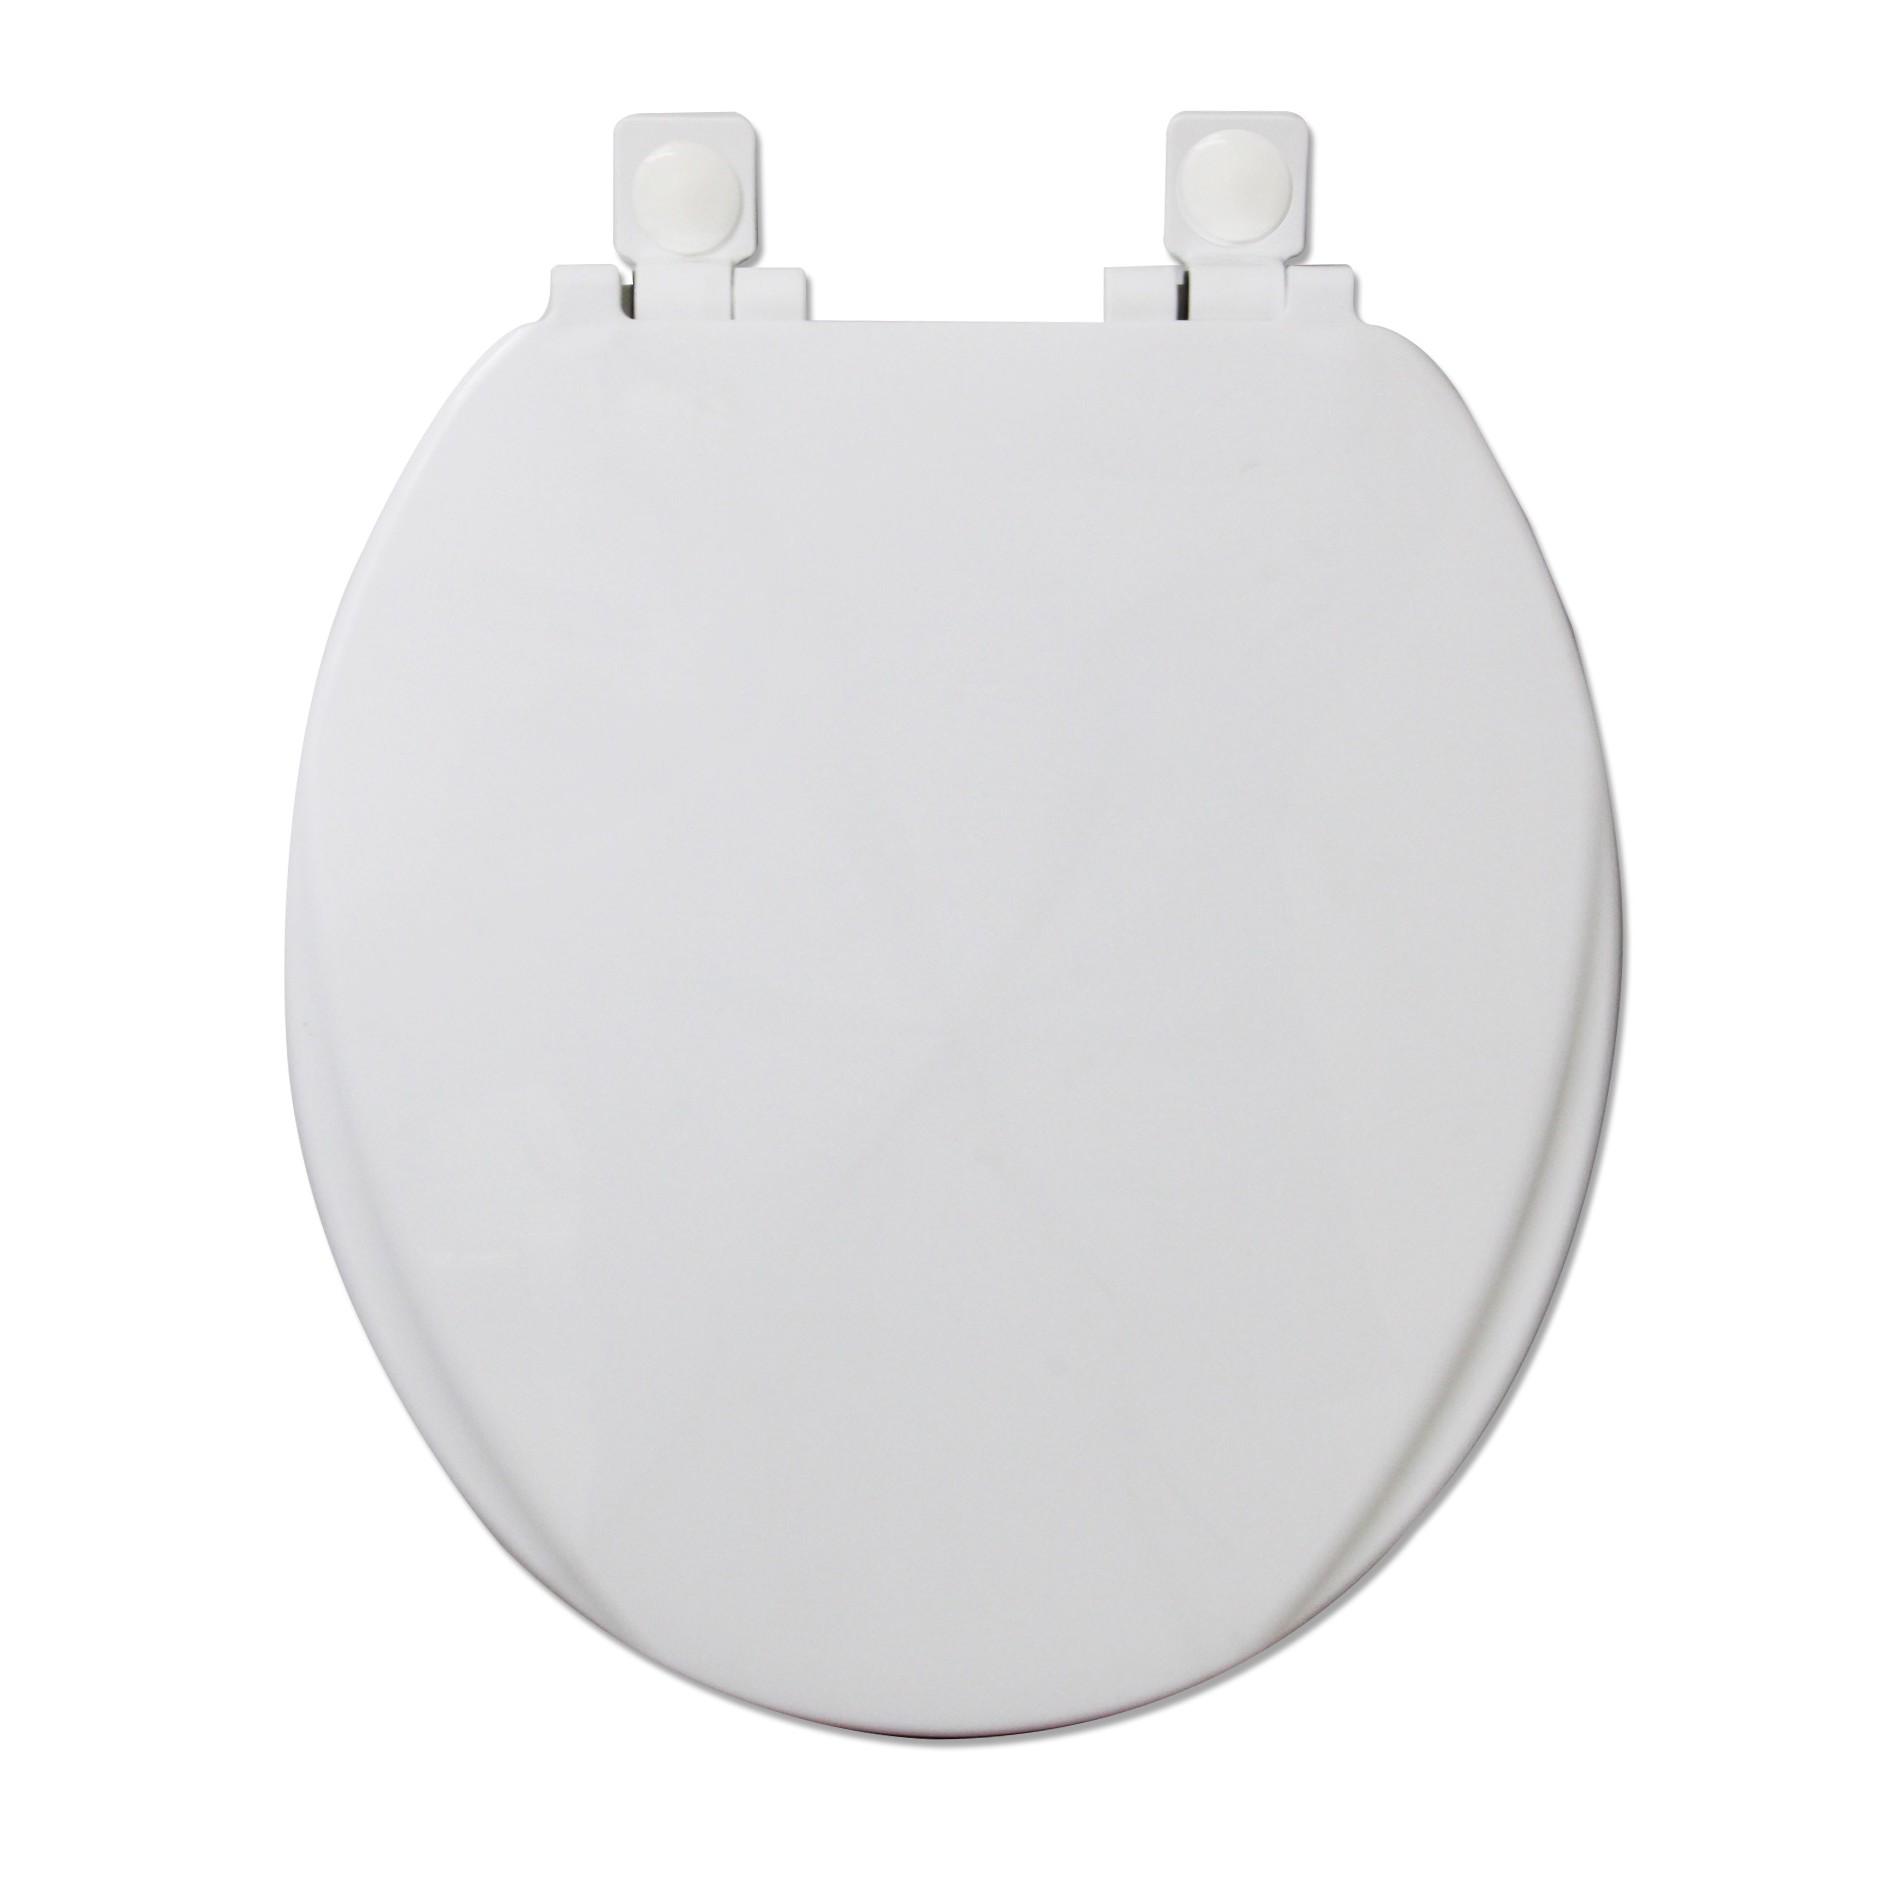 Assento Sanitario Oval Branco - Soft Close - Mebuki